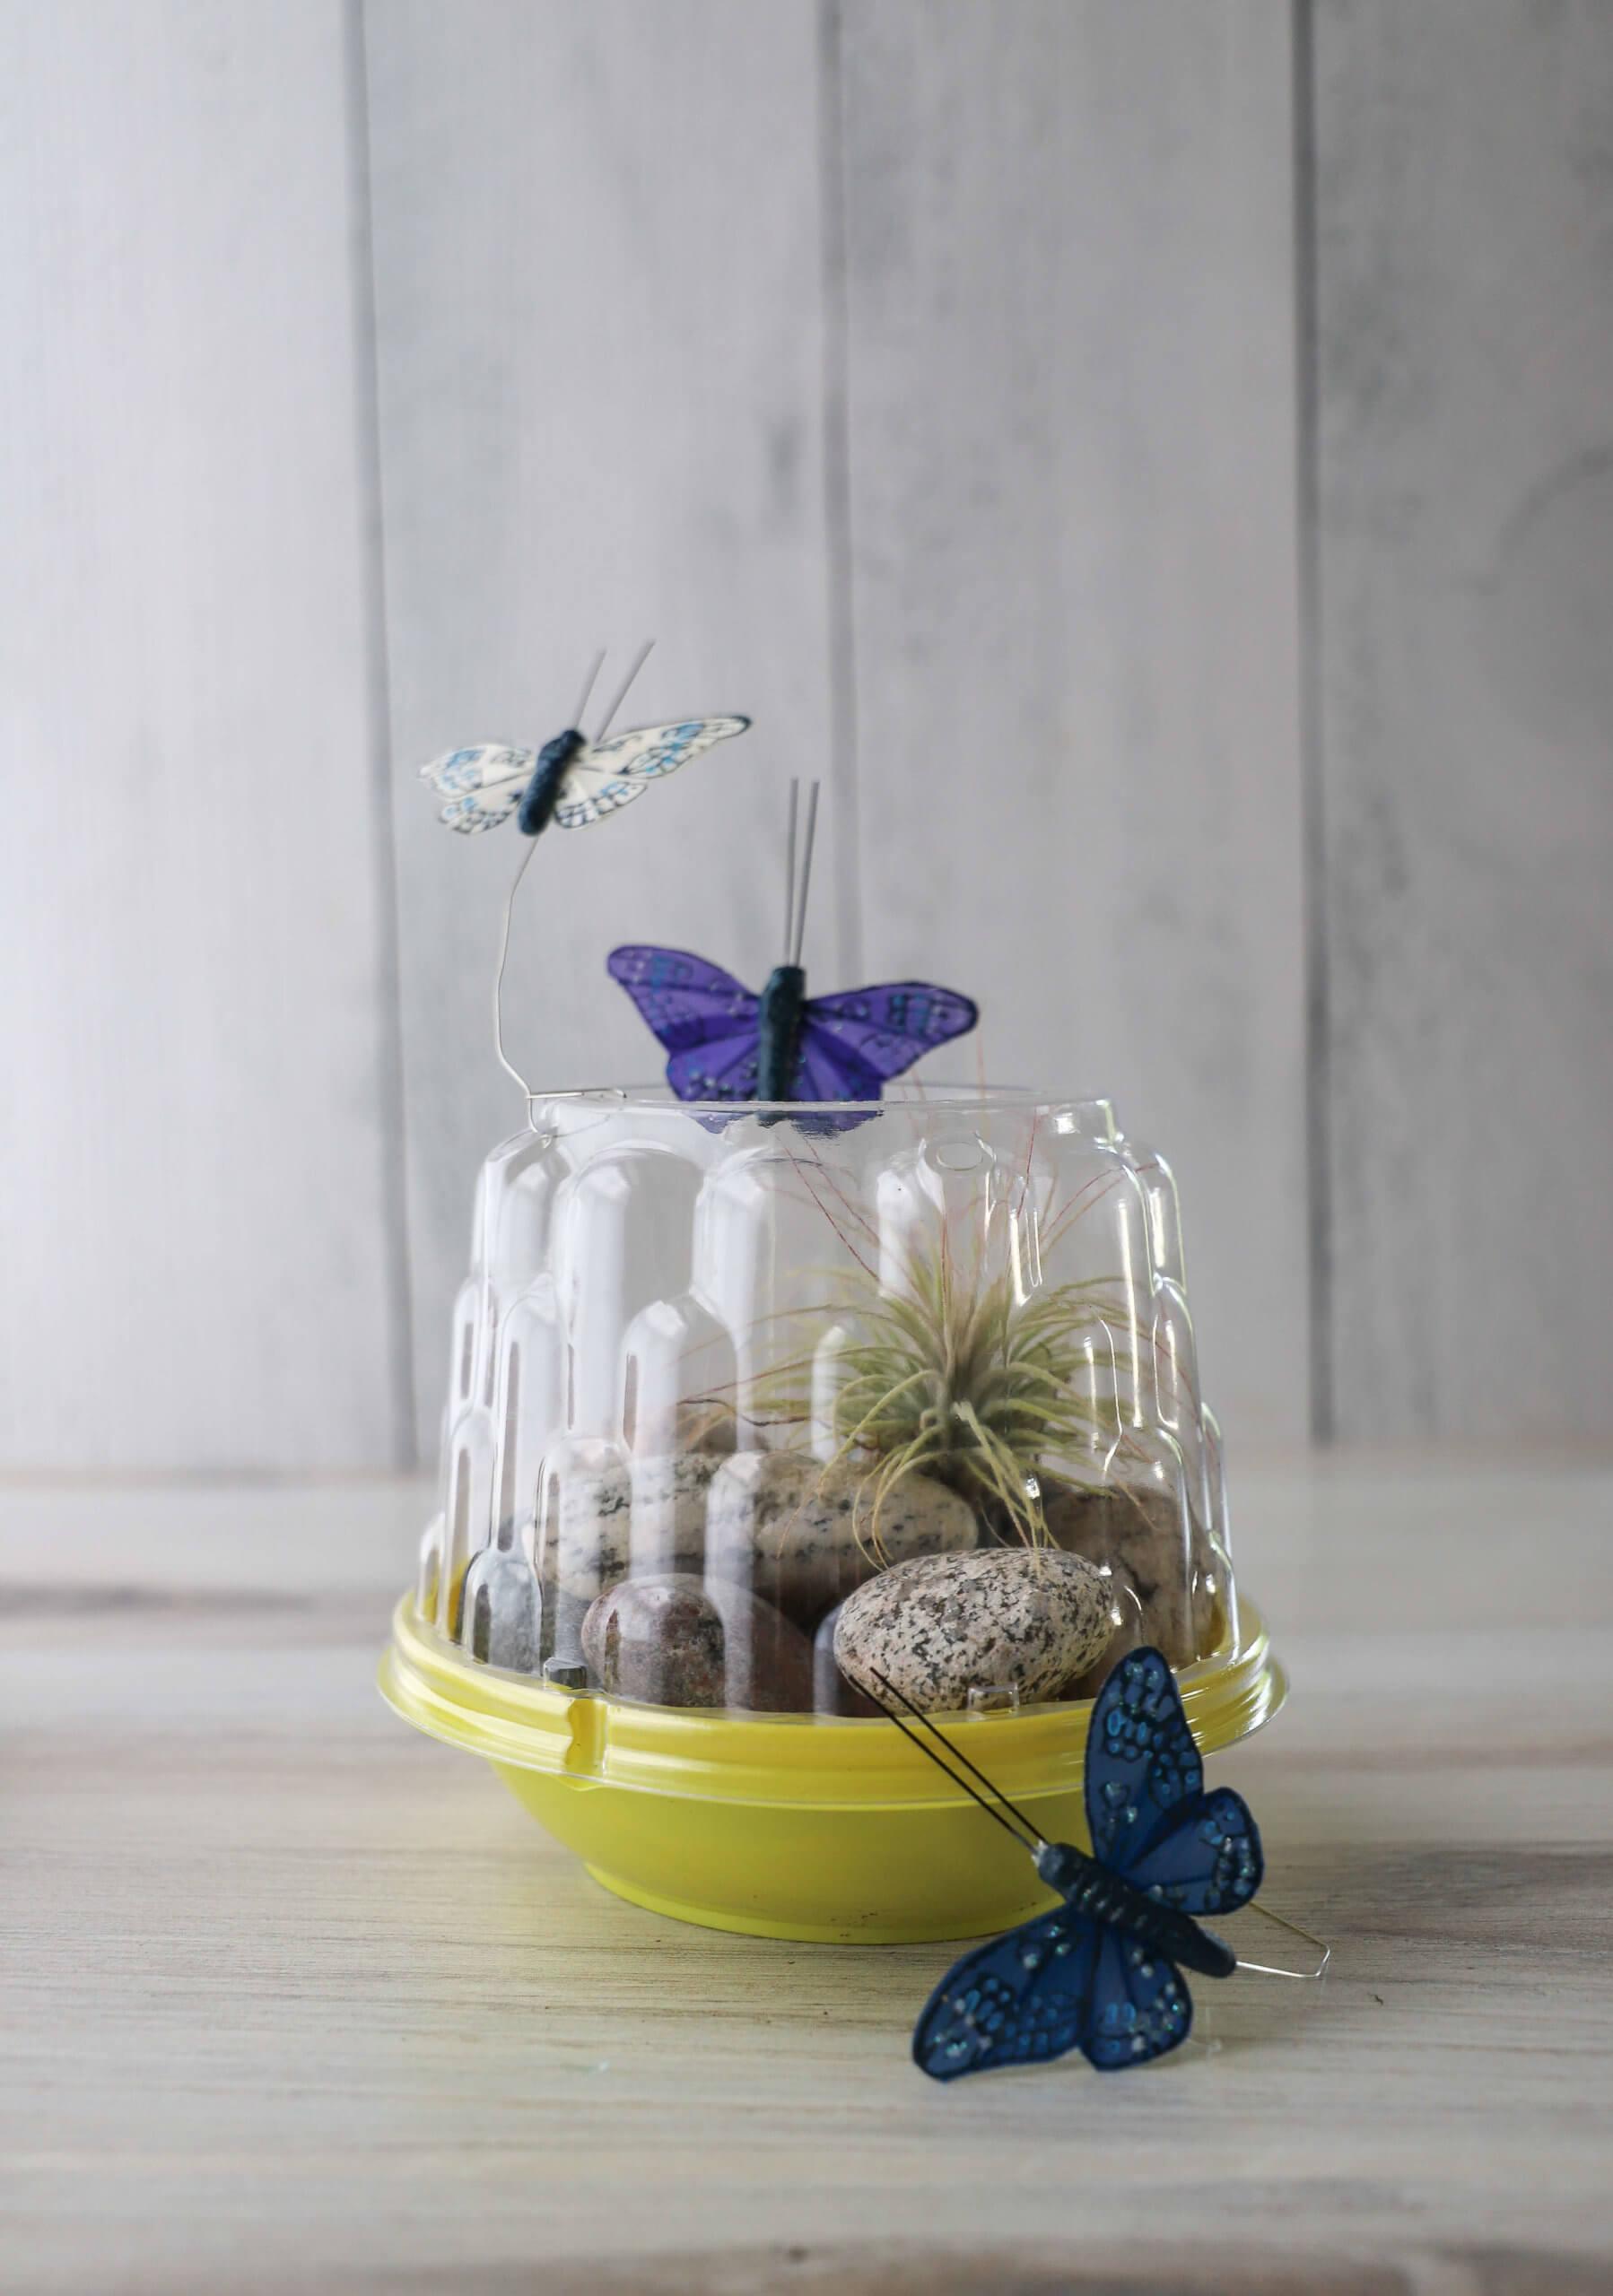 Summer Craft Ideas: Mini Terrarium